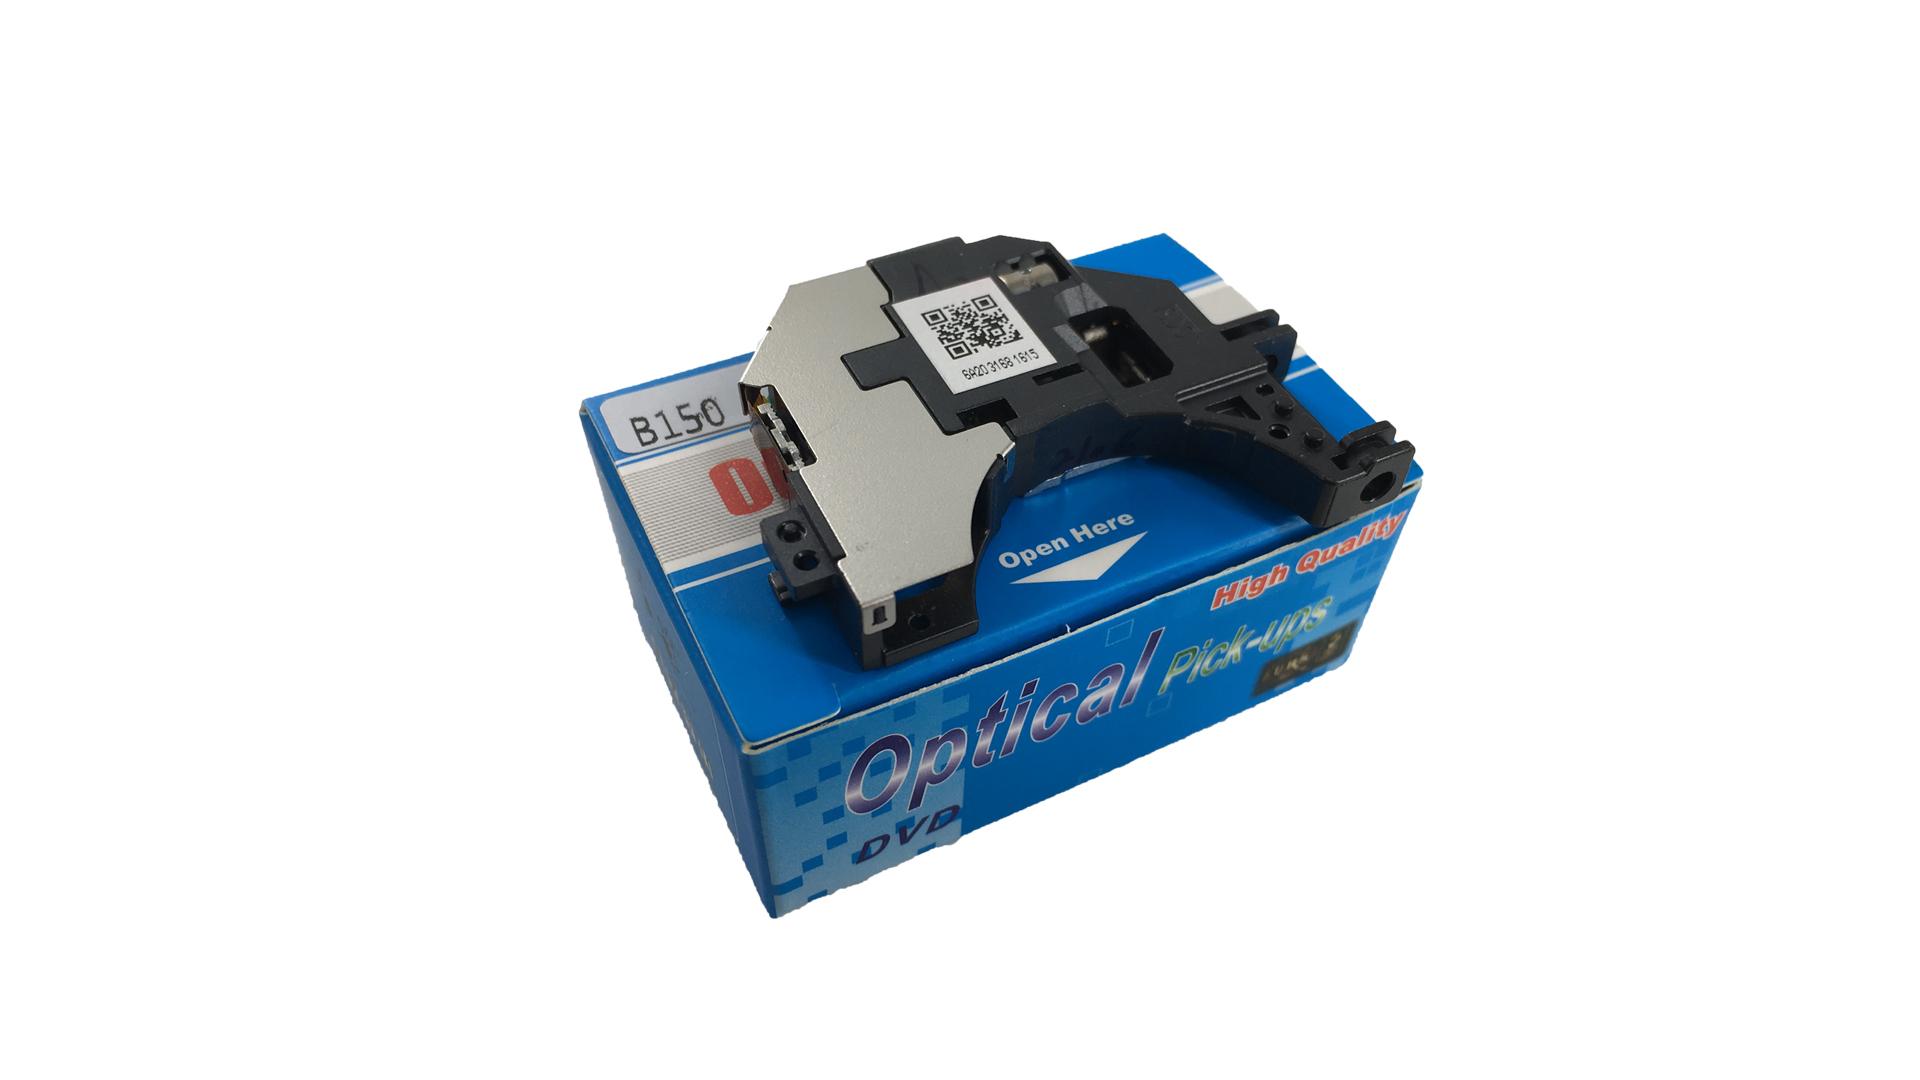 Xbox One Hop B150 Optisk Laserlinse til DVD-drev DG-6M1S udskiftning